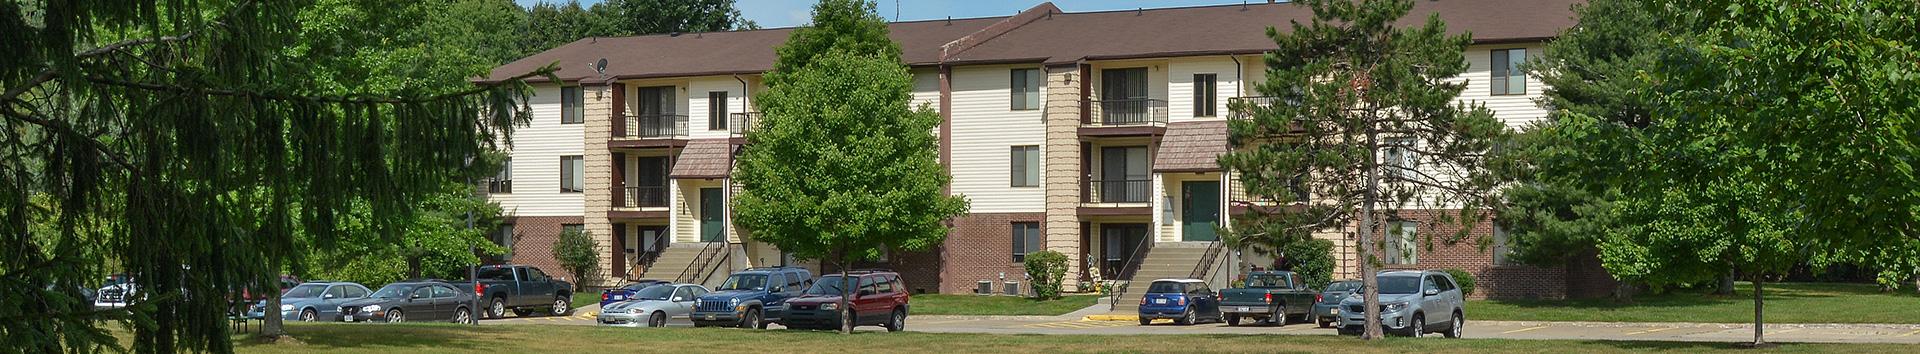 Apartments Neighborhood